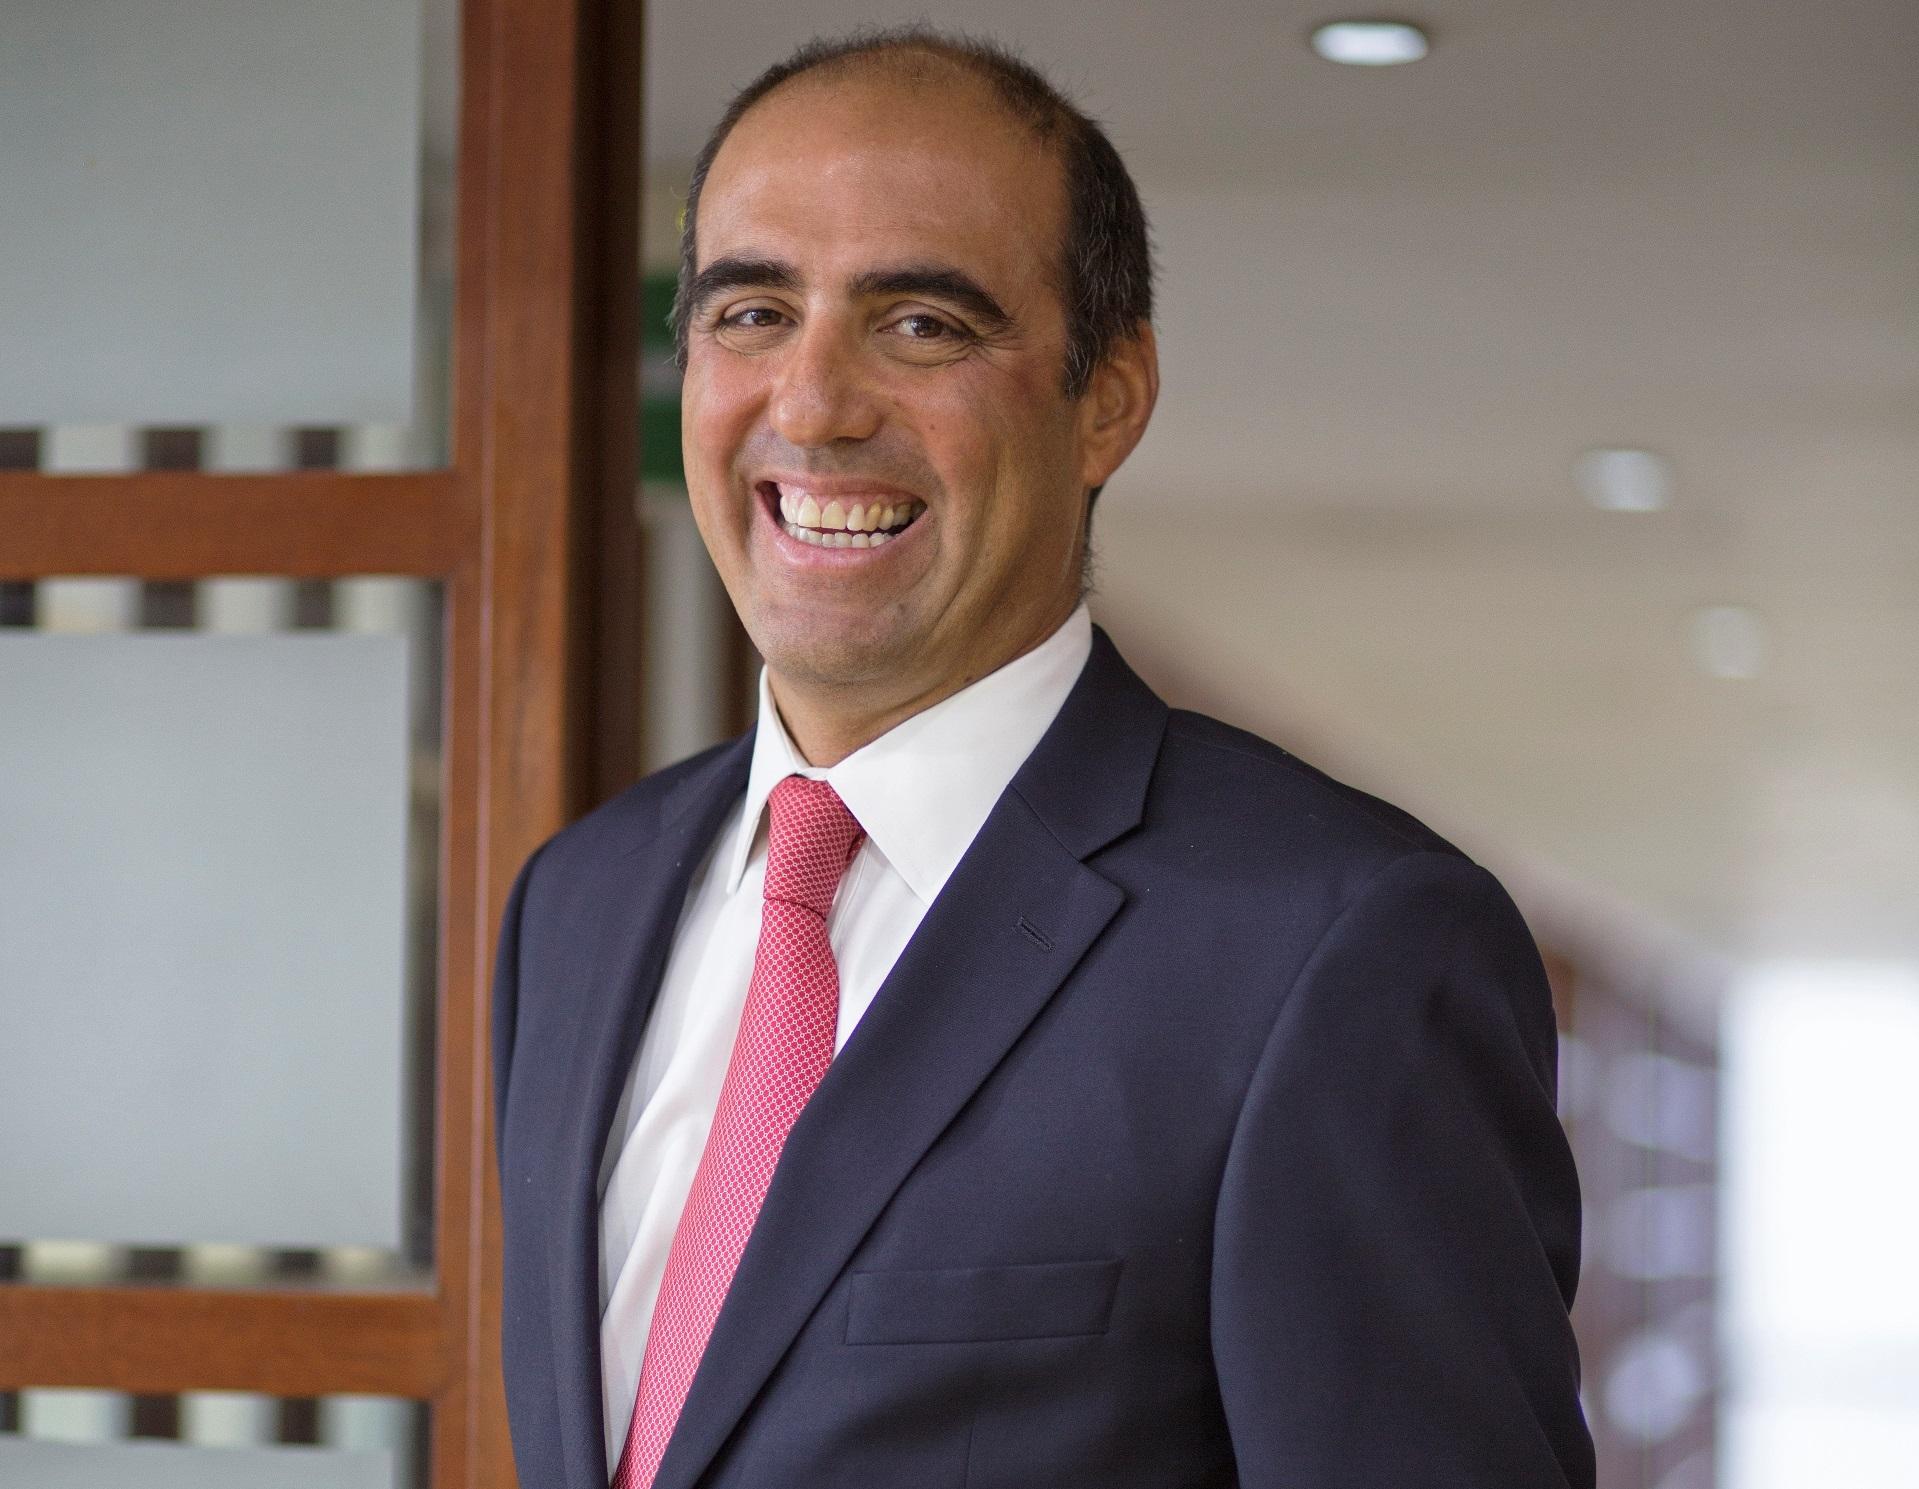 Carlos Morante GG Banco Cencosud 1 - Perú: Banco Cencosud nombra nuevo gerente general